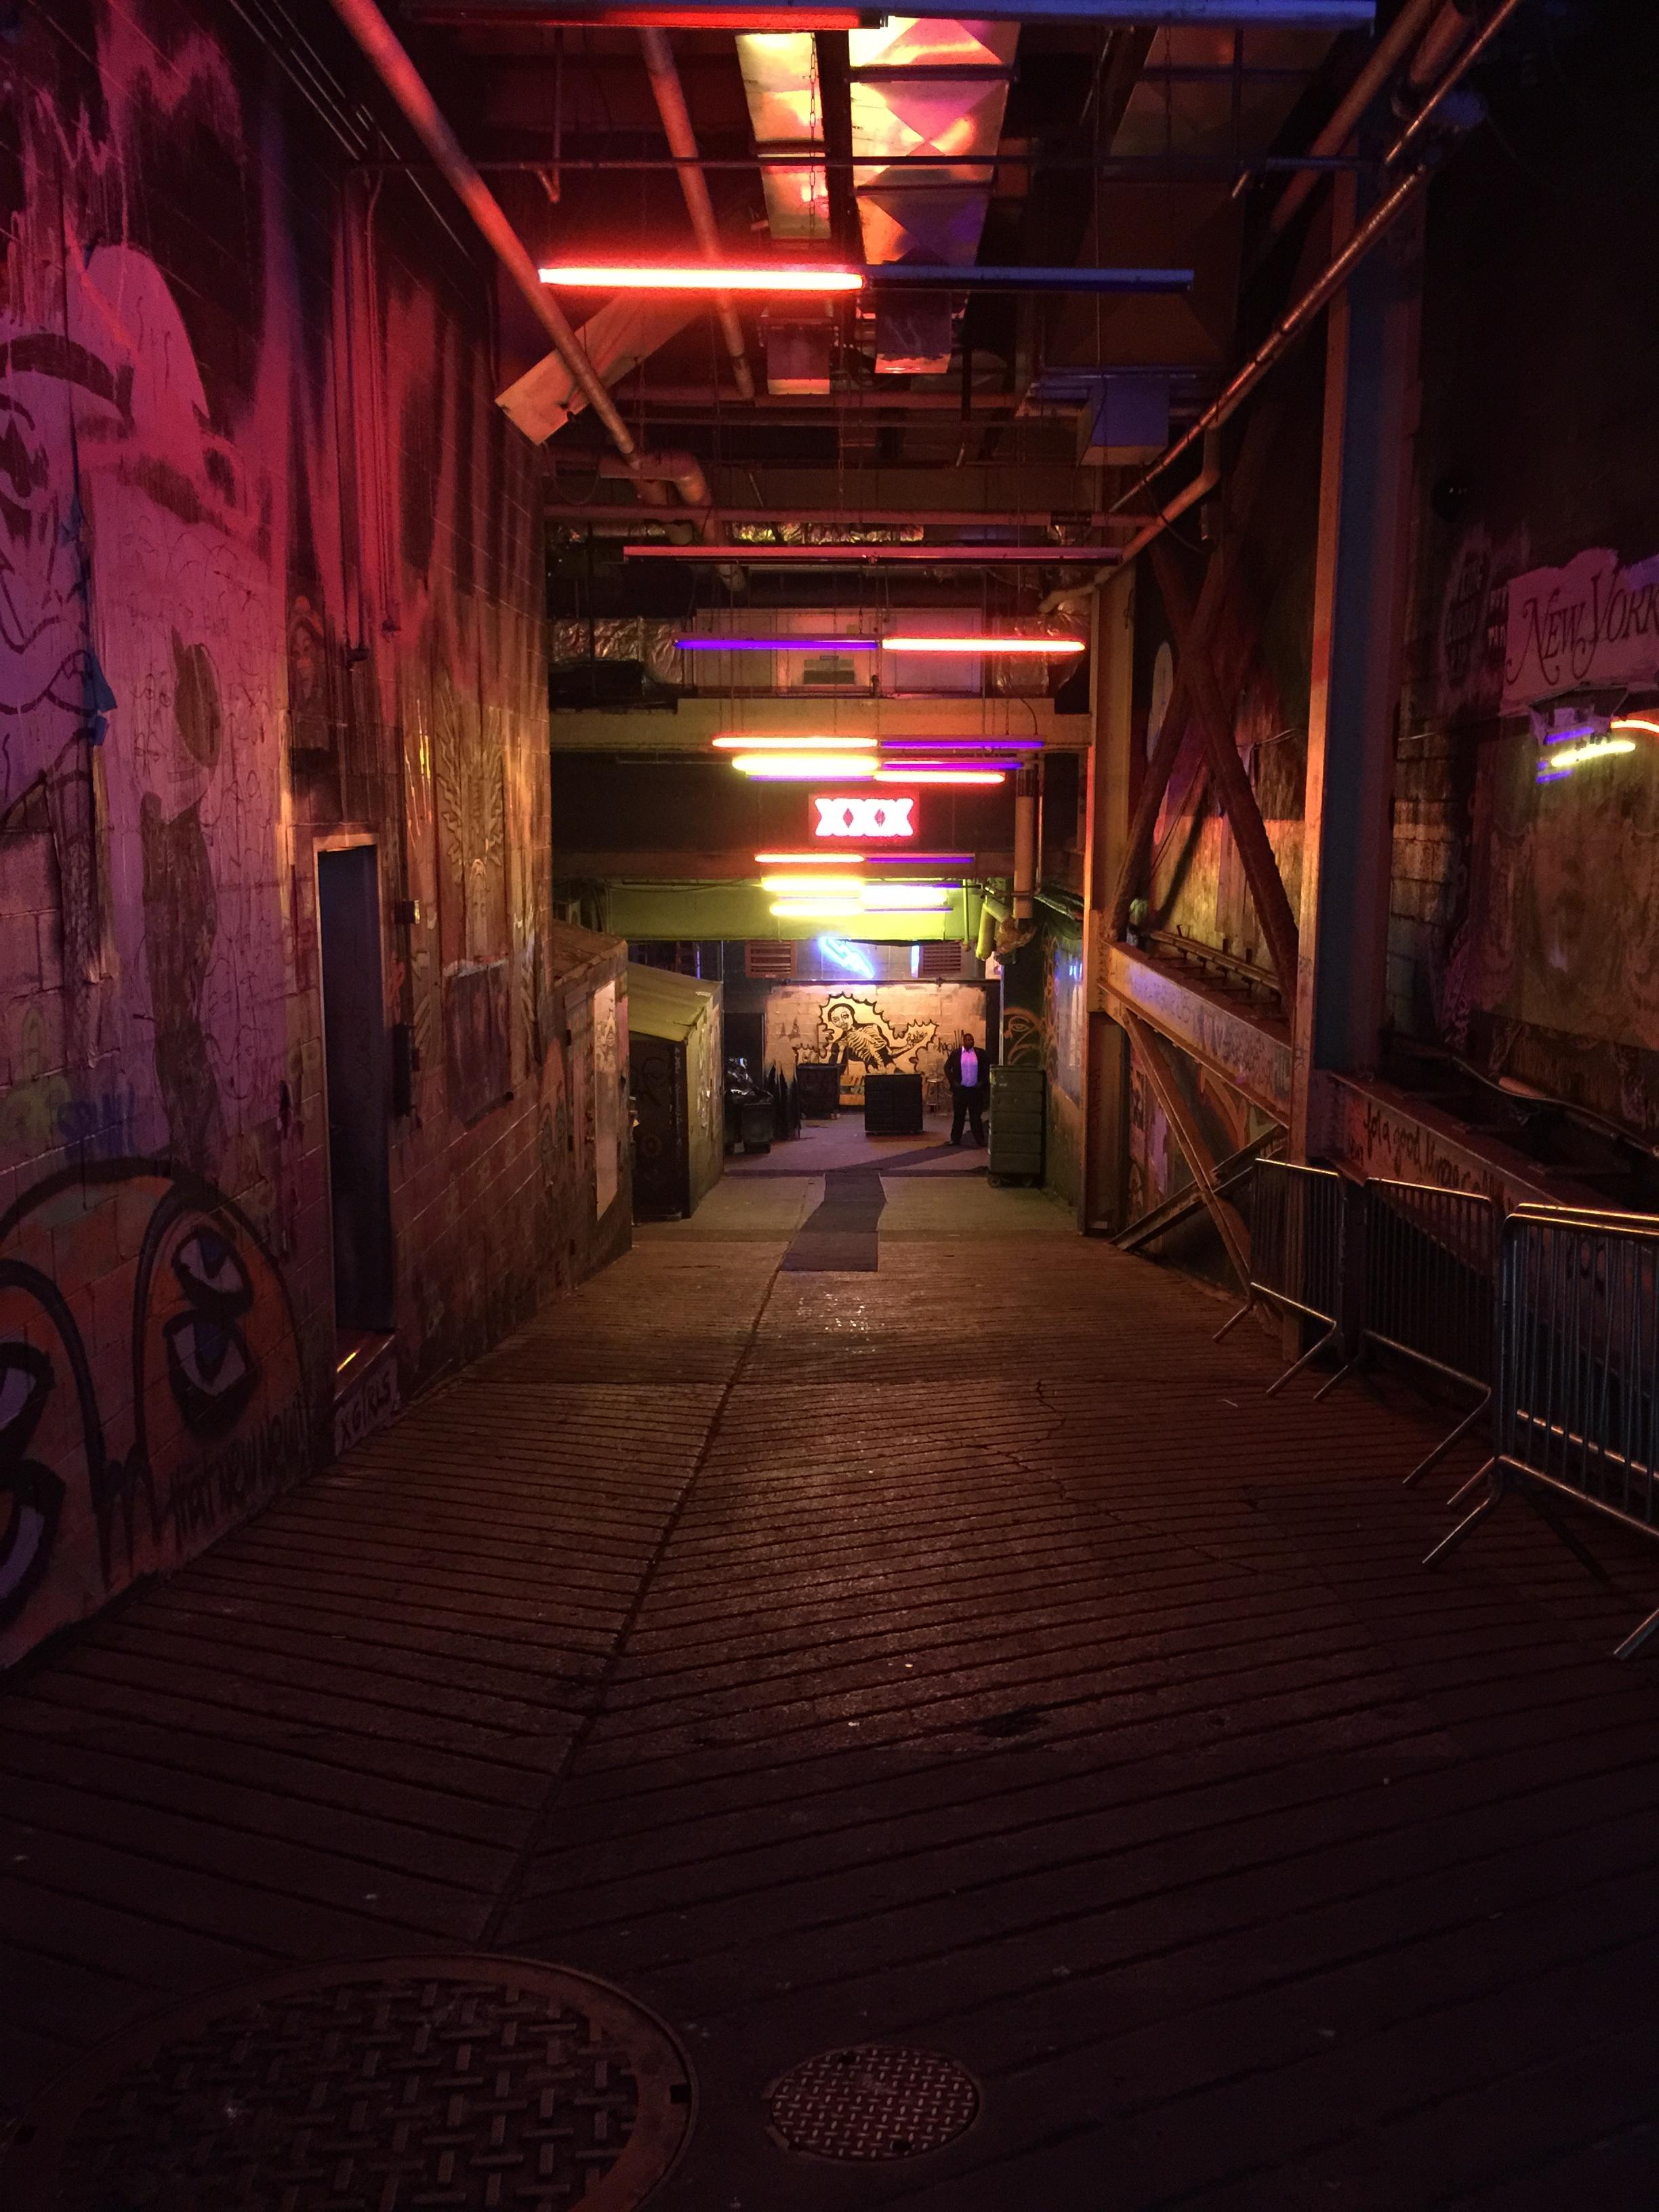 Fotos gratis : ligero, calle, noche, callejón, color